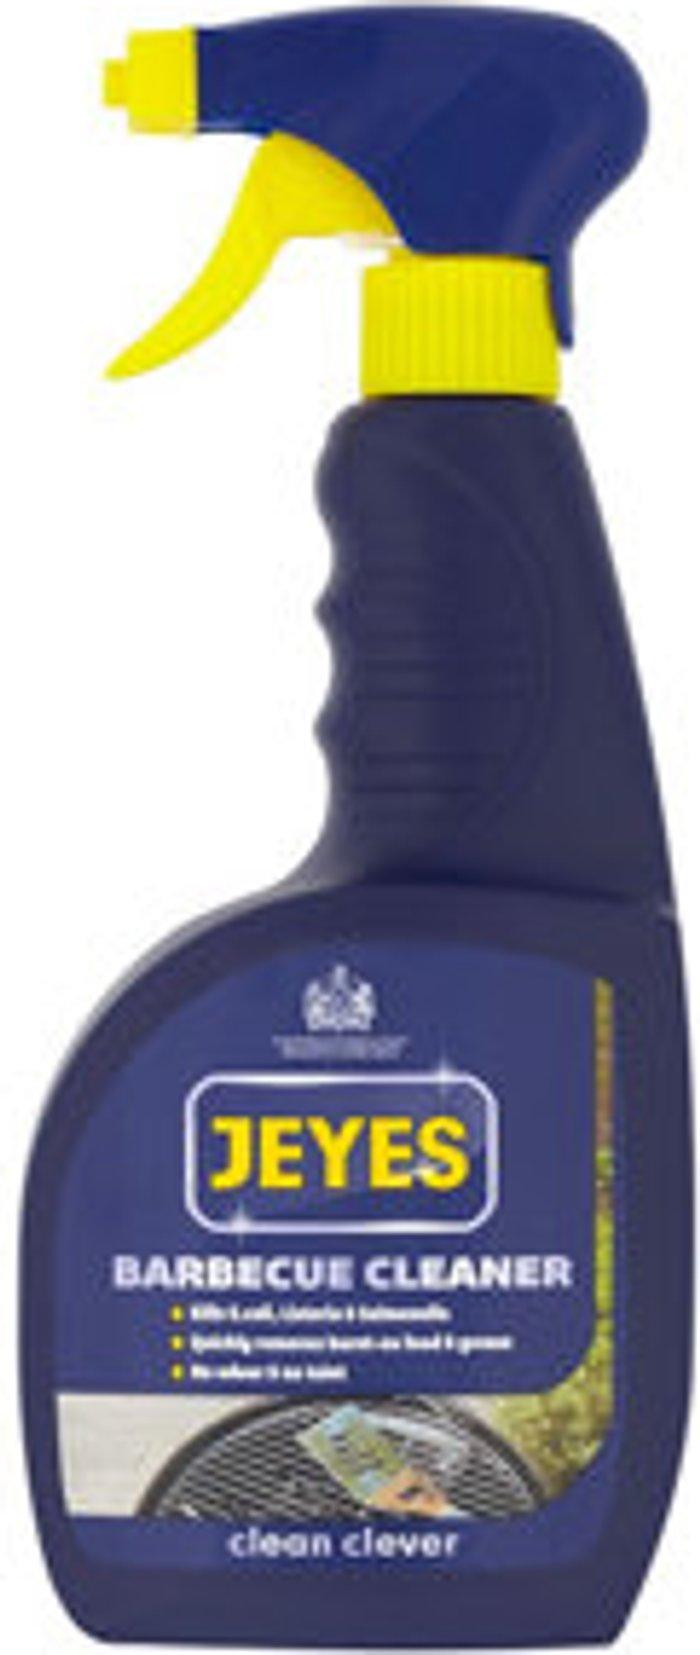 Jeyes Fluid Jeyes Fluid BBQ BBQ equipment  chimineas & utensils Cleaner  750ml Trigger spray bottle